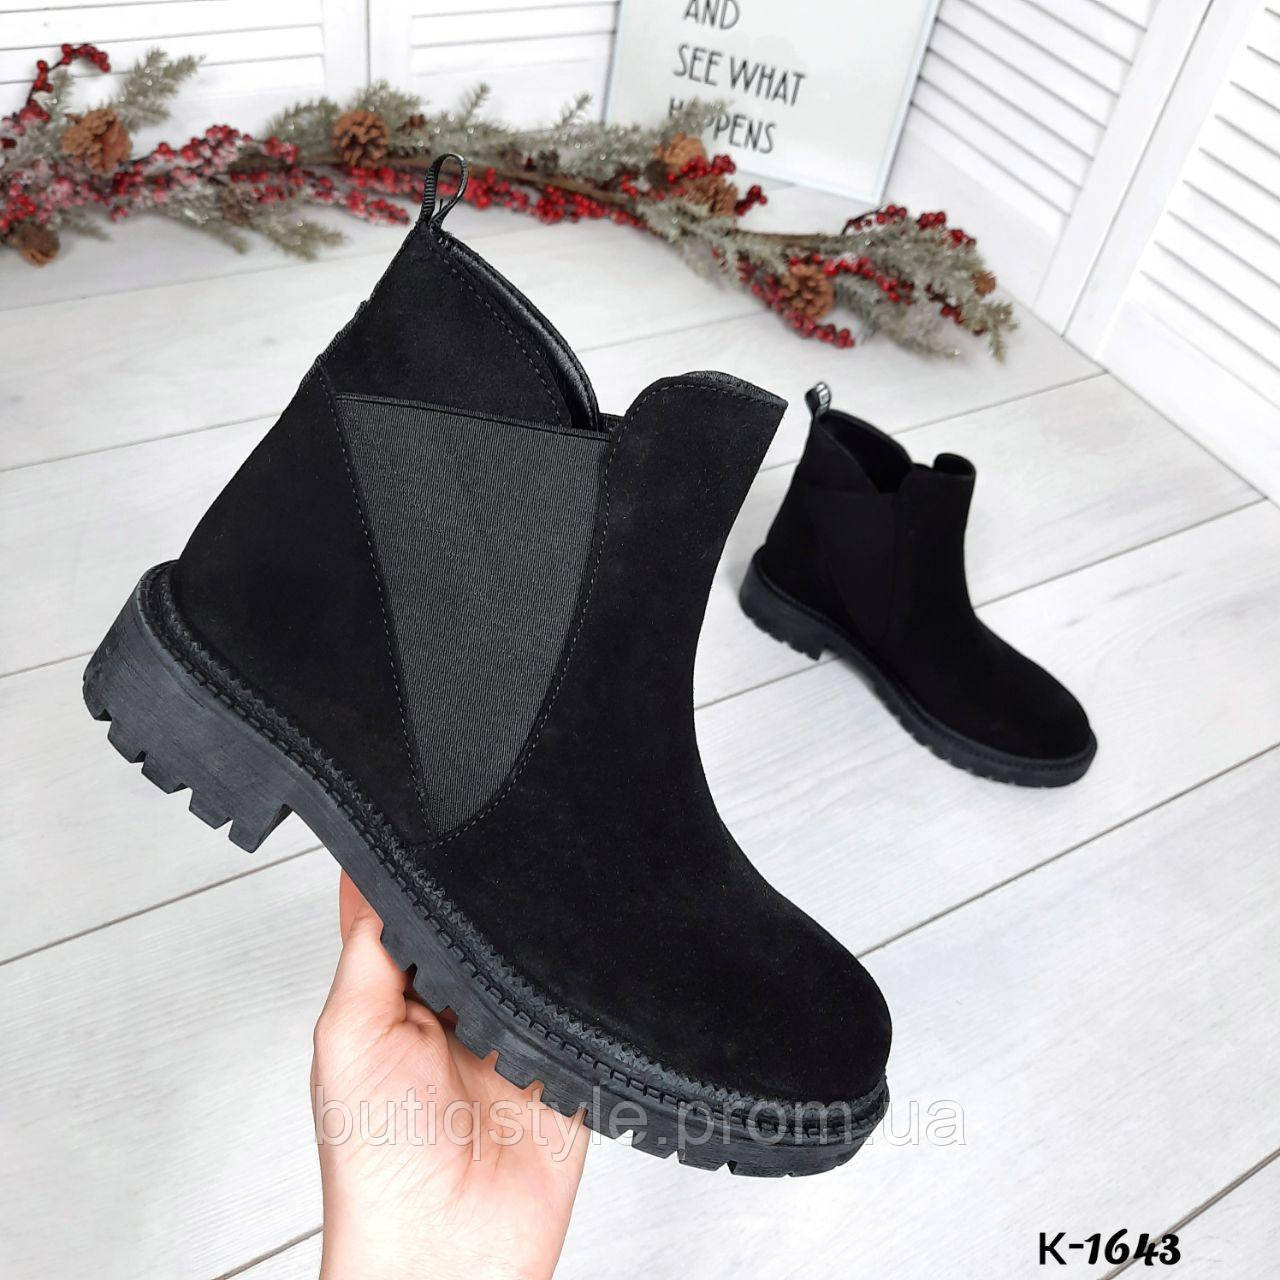 Женские черные ботинки на резинке натуральный замш Деми